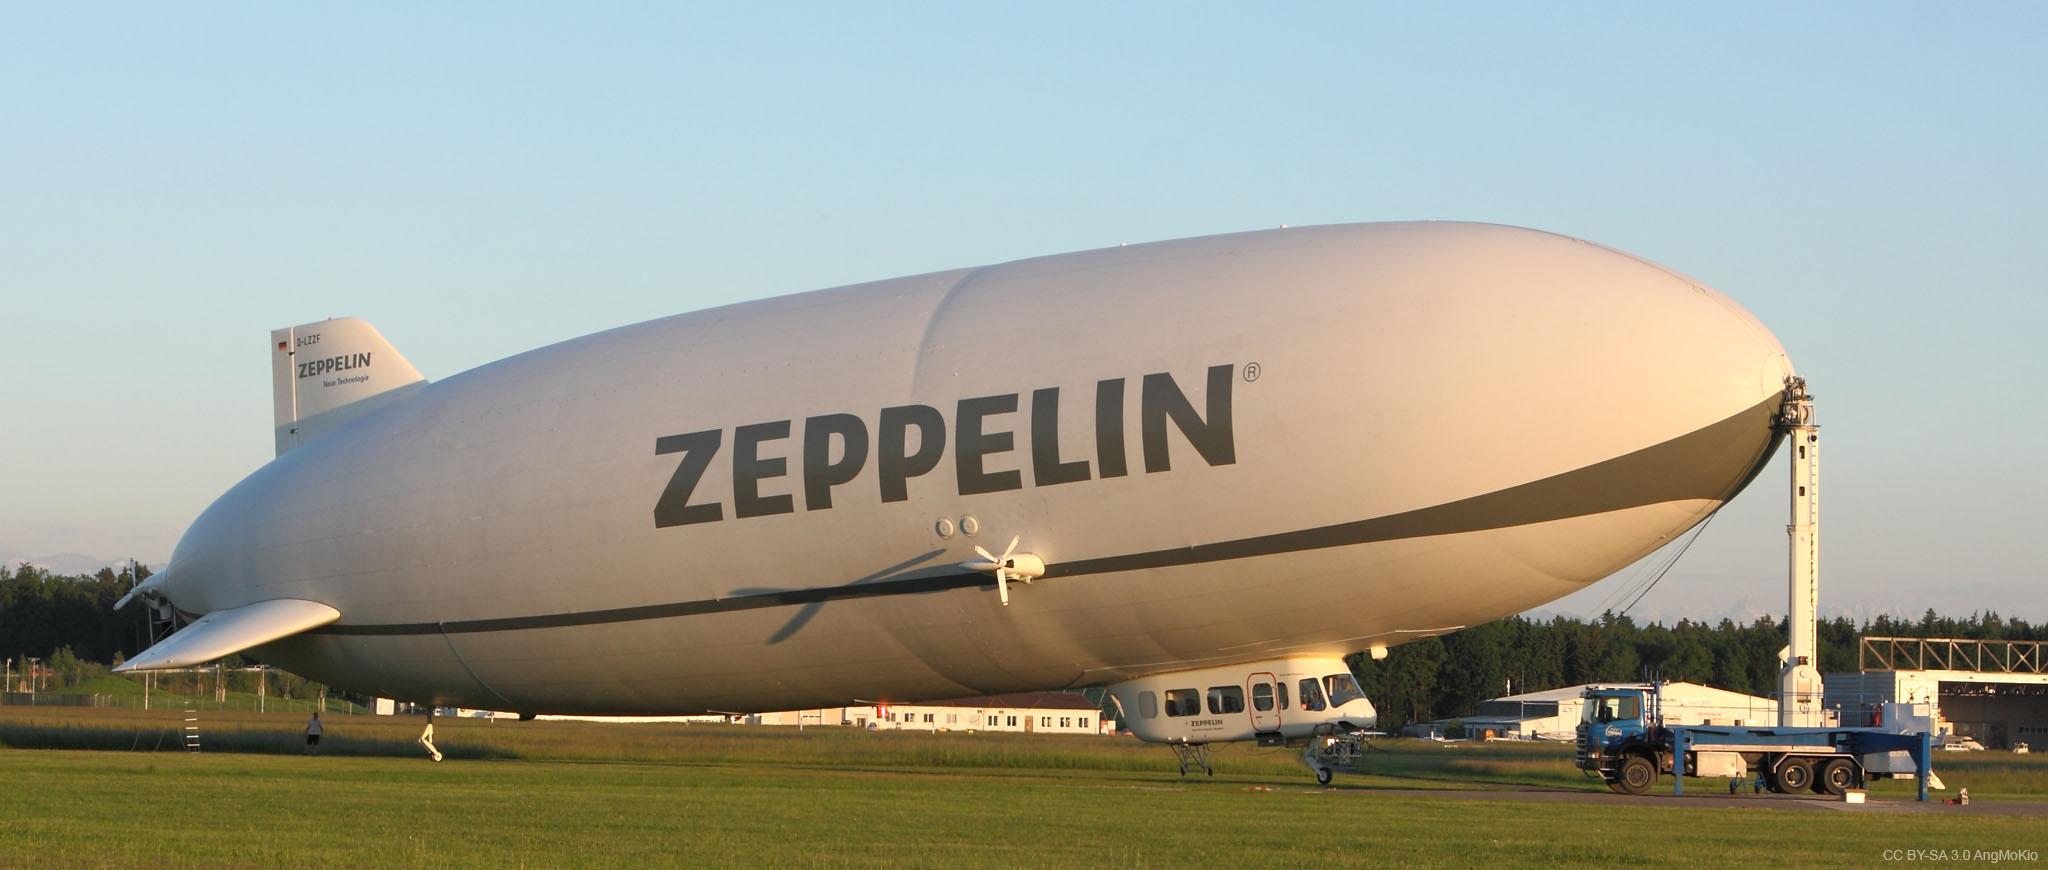 Unerfüllter Traum: Ein Flug mit dem Zeppelin NT › its a